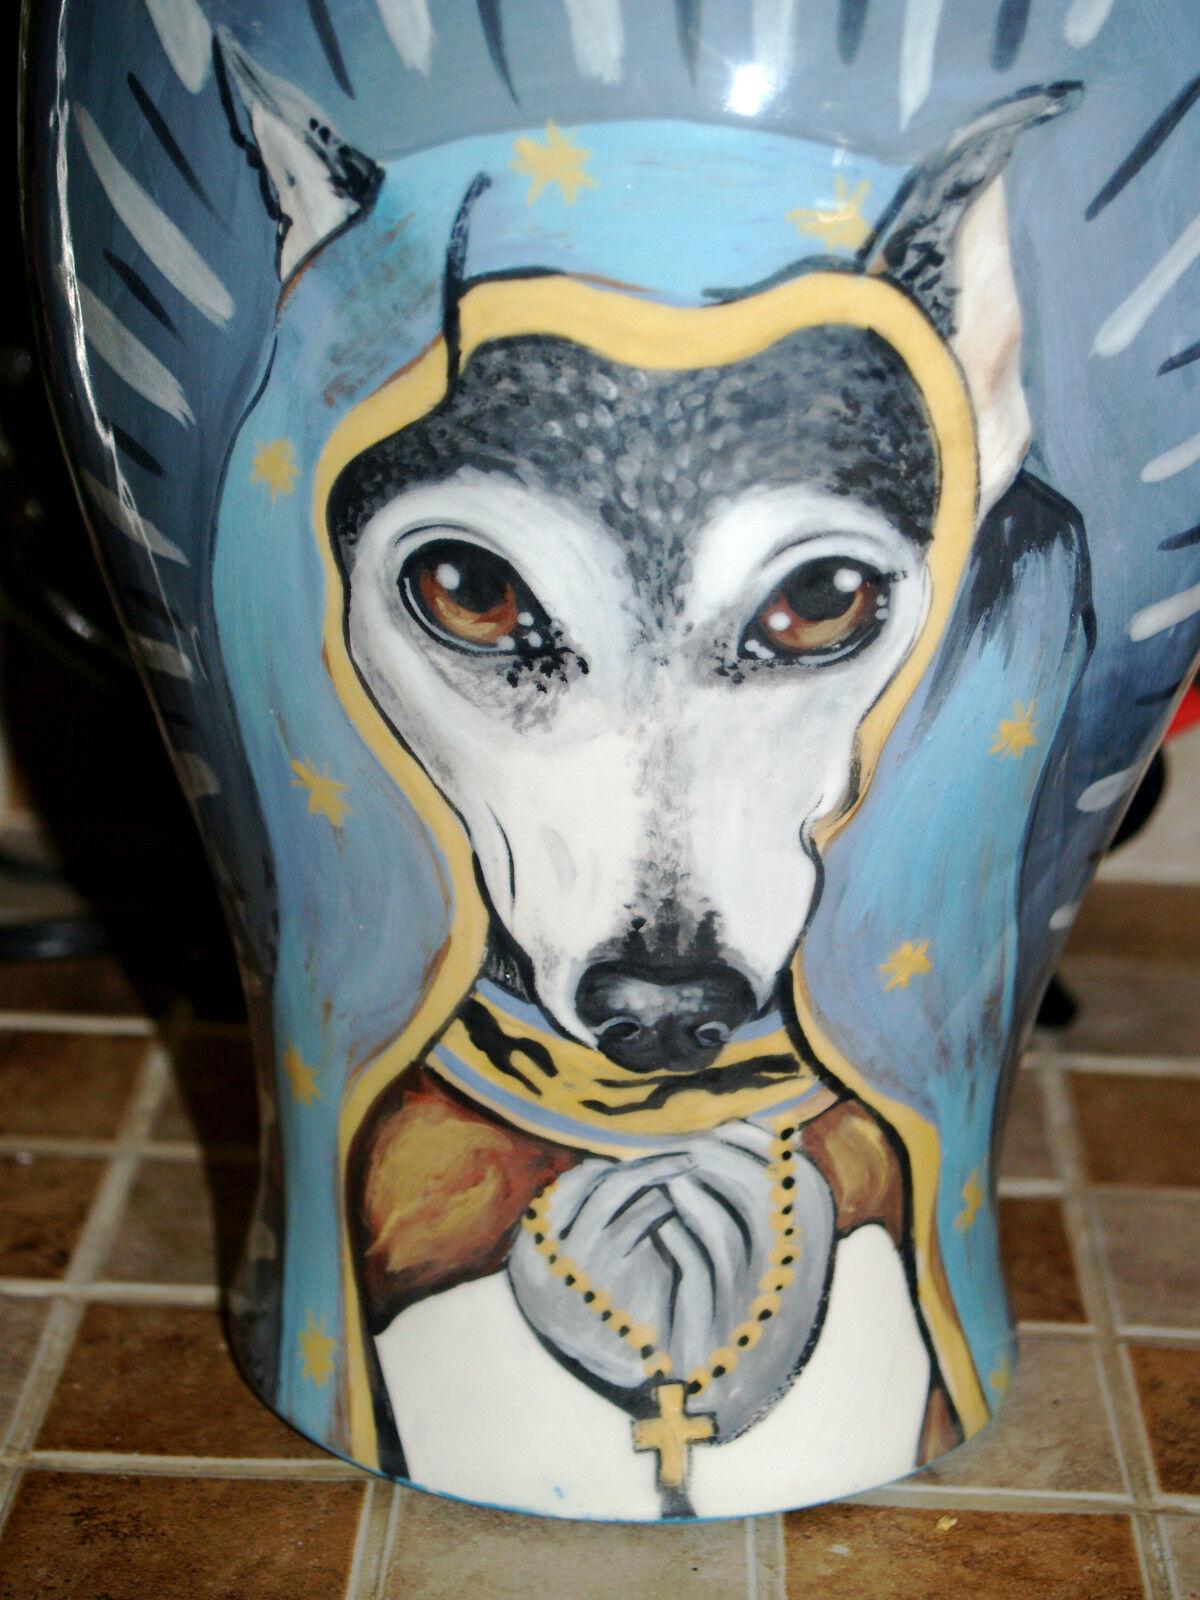 Personalizzato Memoriale Burial Animale Cane Gatto Urna Cremazione LG Greyhound